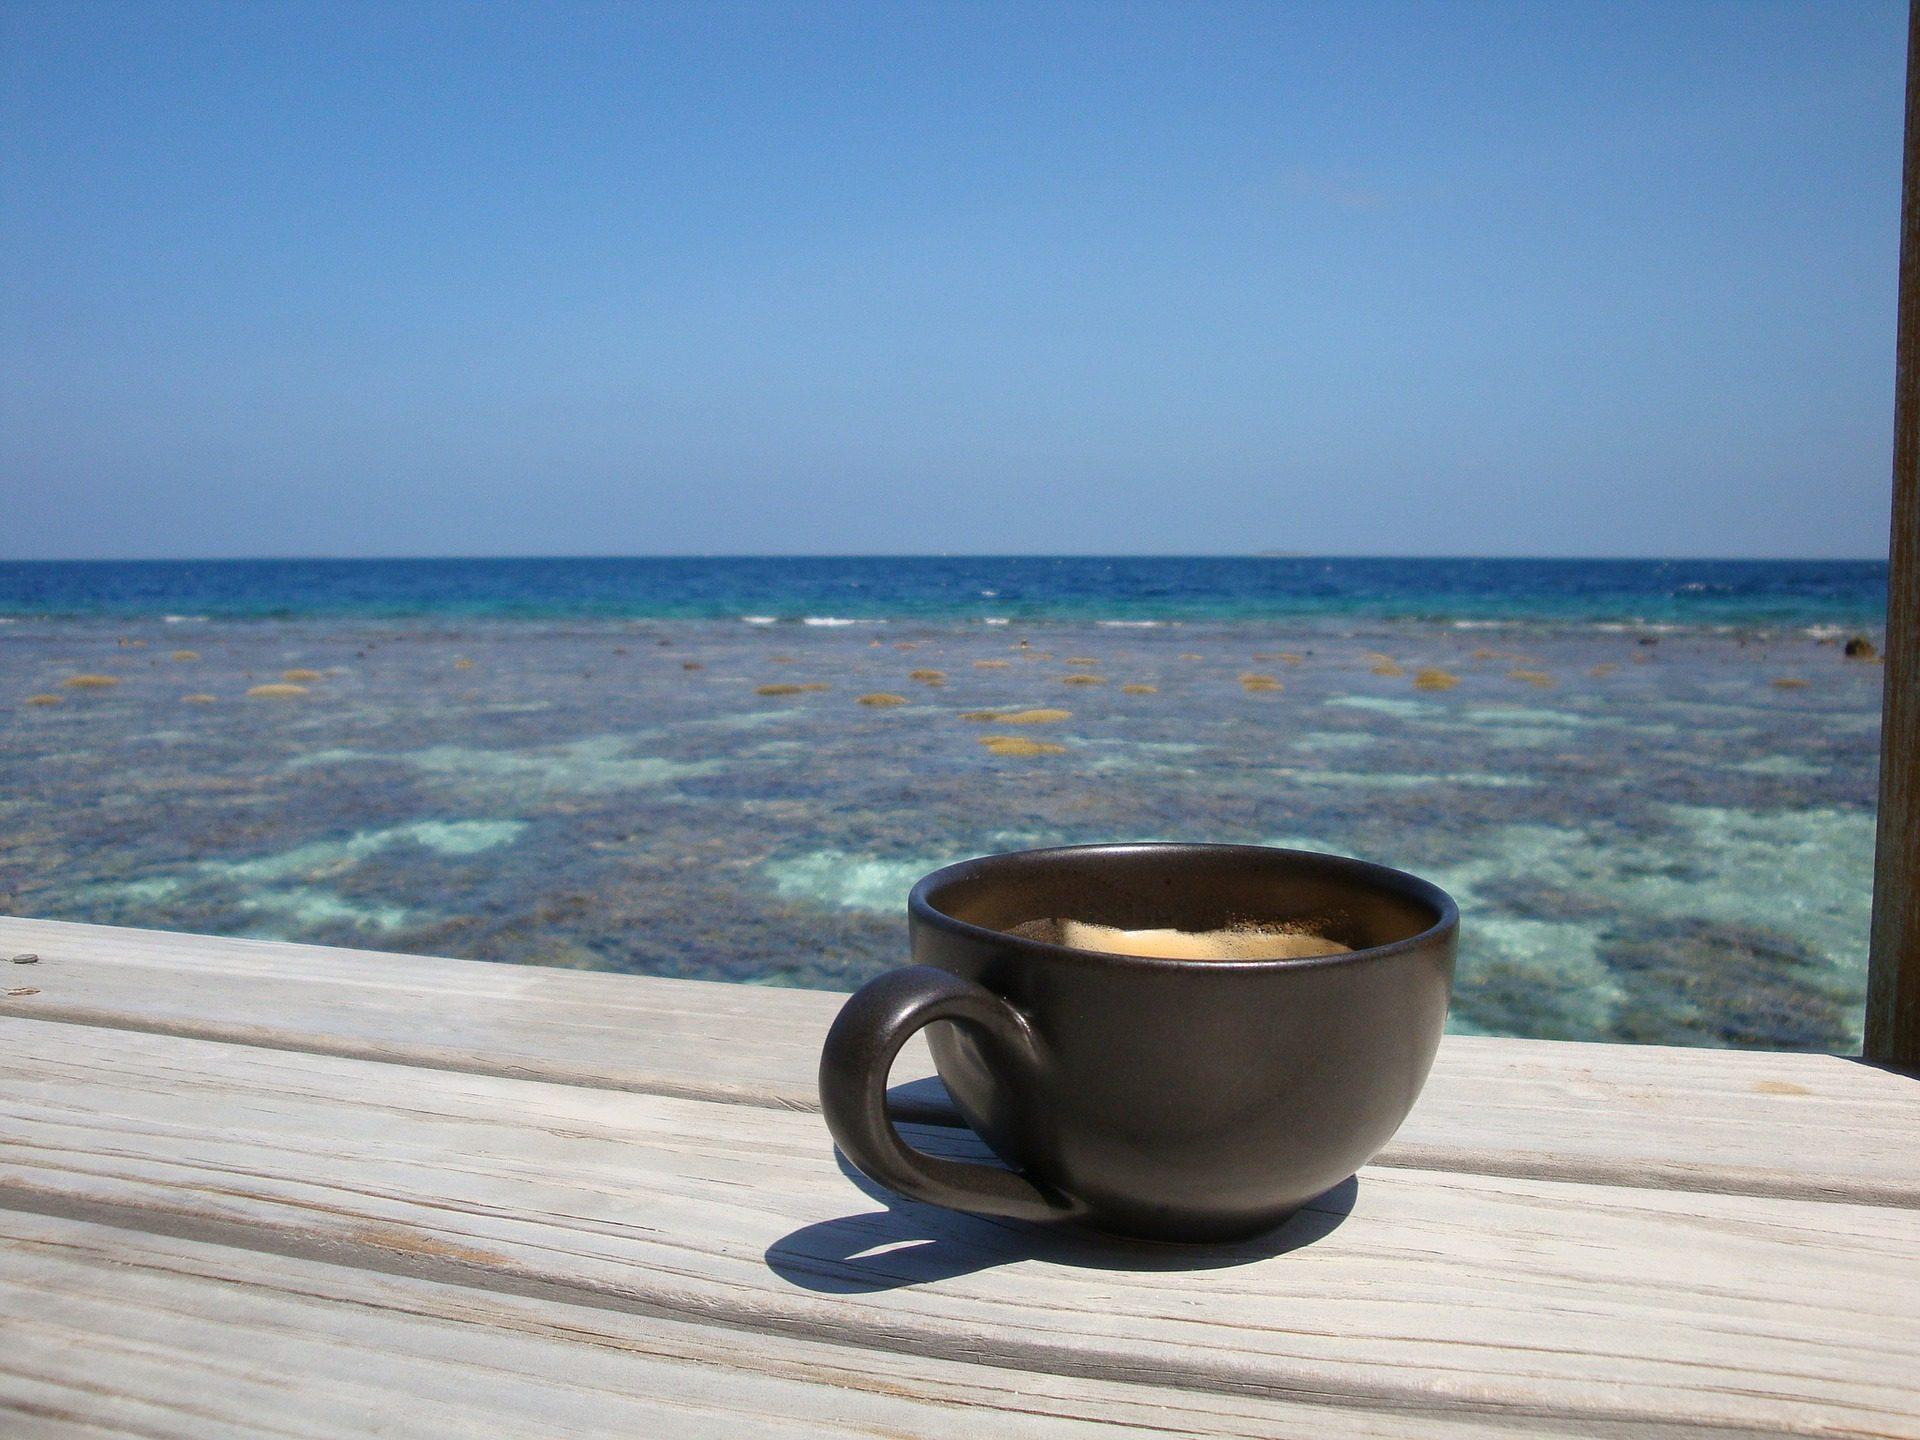 كأس, القهوة, إفطار, الجنة, البحر, المحيط, جزر المالديف - خلفيات عالية الدقة - أستاذ falken.com